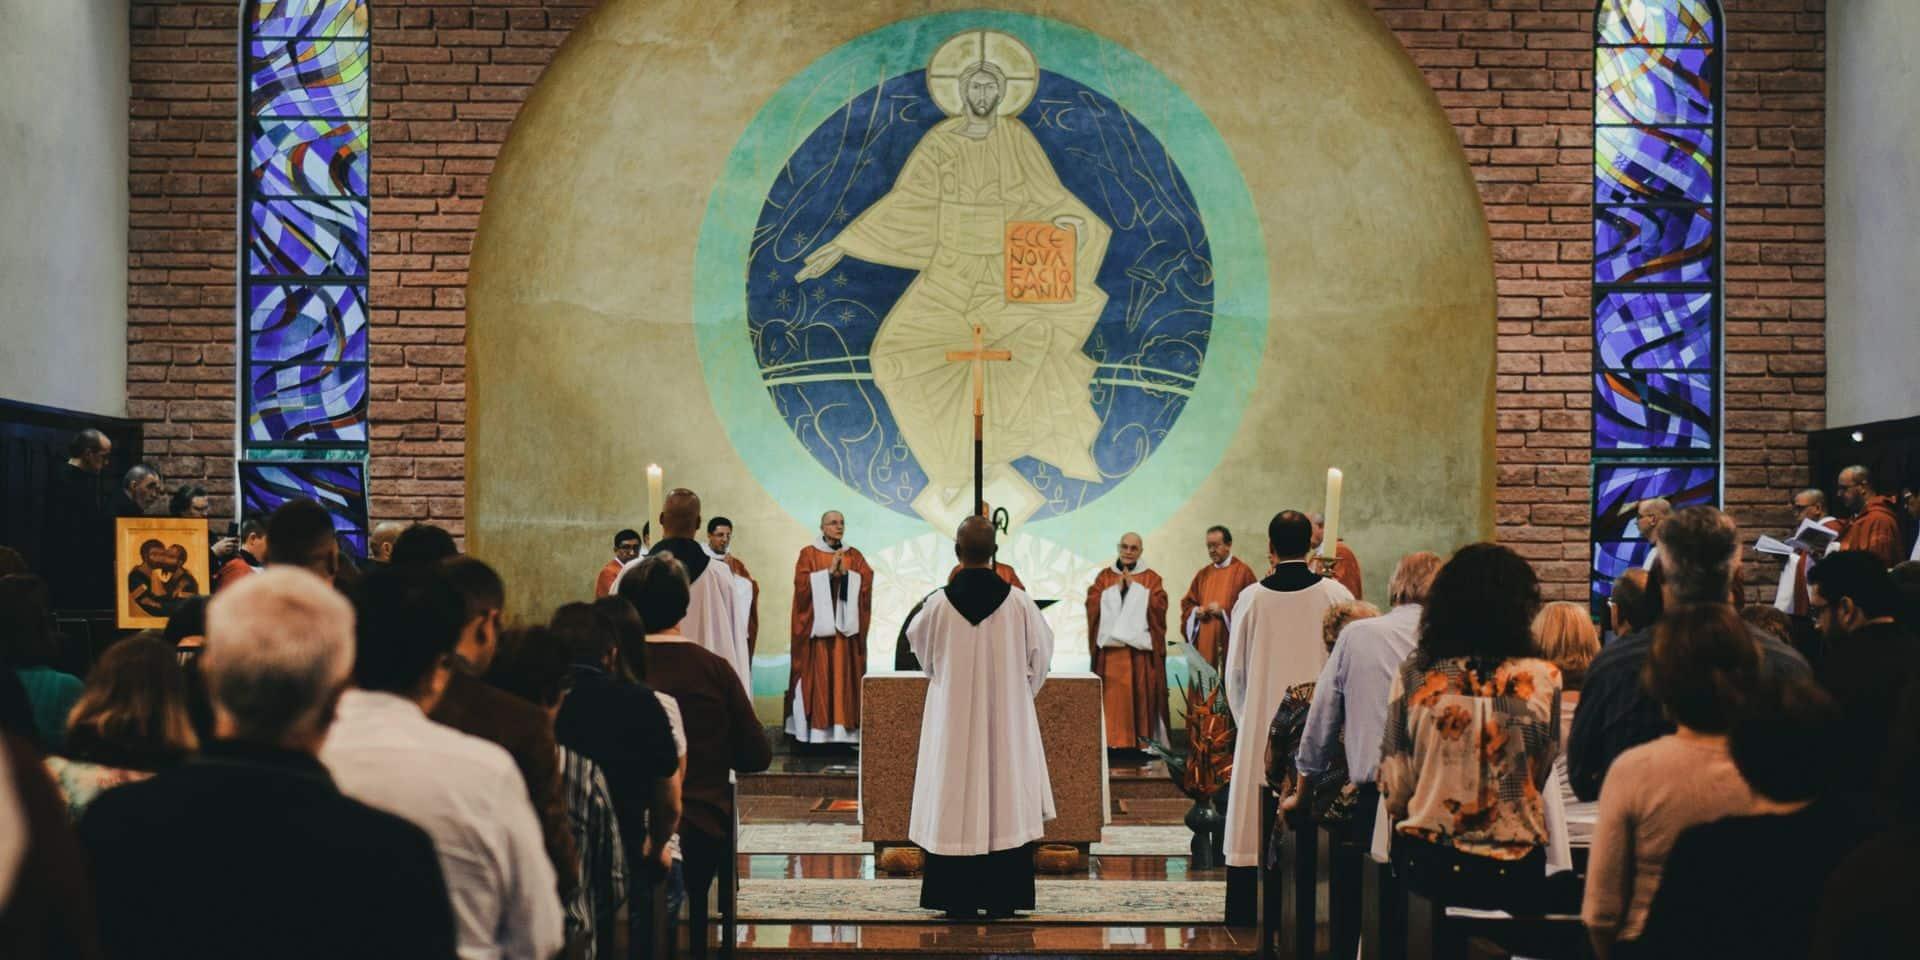 Les autorités doivent accompagner le déconfinement des célébrations chrétiennes